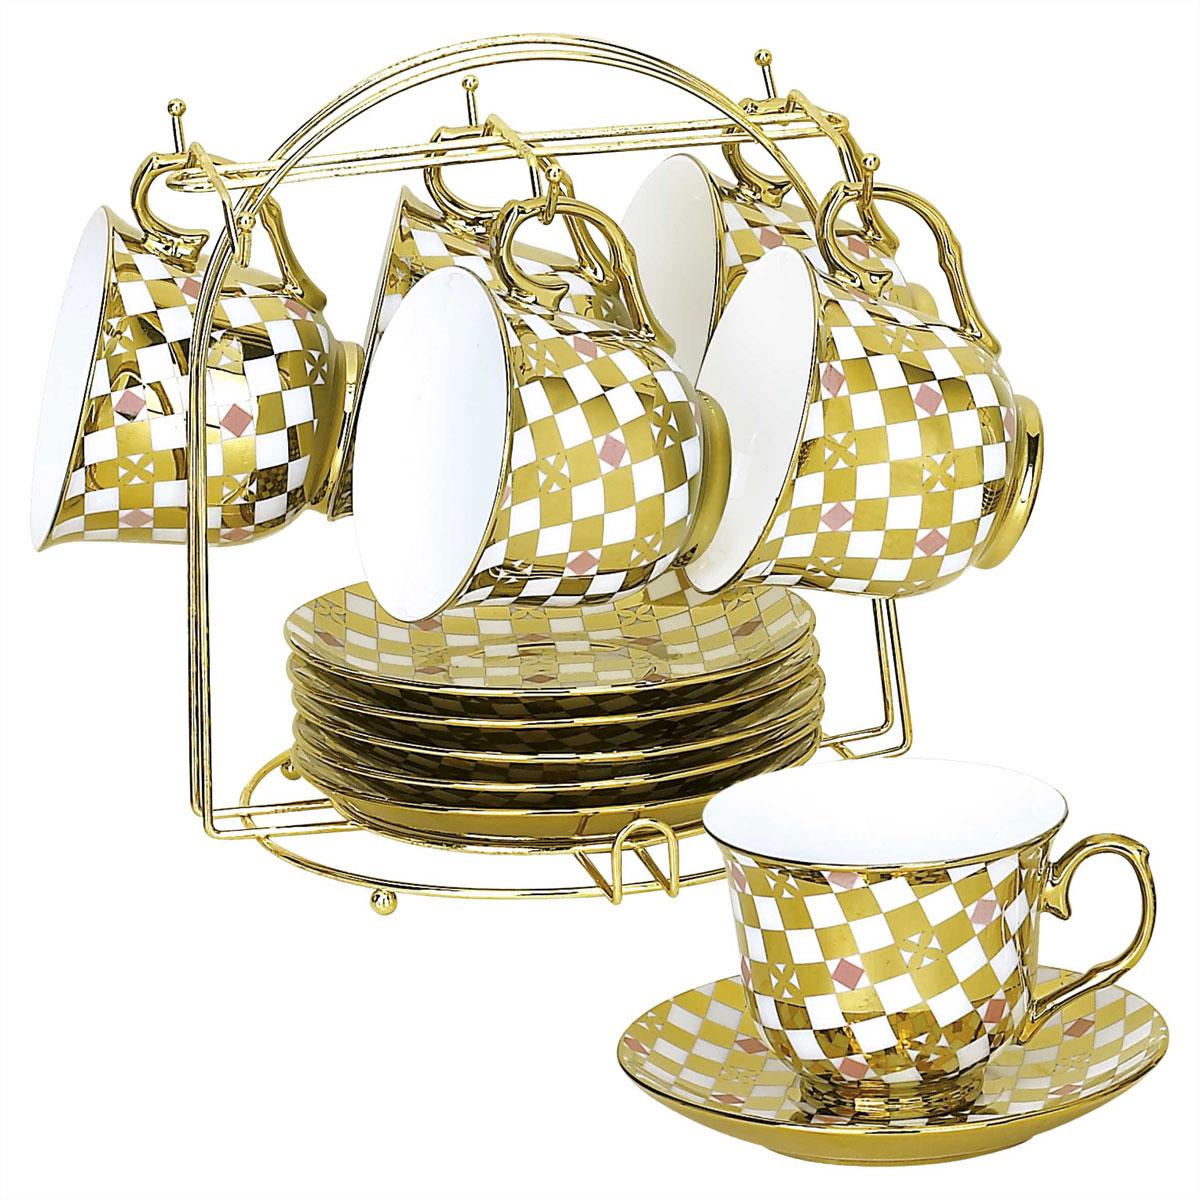 Набор чайный Bekker, 13 предметов. BK-5920 (8)BK-5920 (8)Чайный набор Bekker состоит из шести чашек и шести блюдец. Предметы набора изготовлены из высококачественного фарфора и украшены золотистой эмалью. Яркий орнамент в шахматном стиле придает набору изысканный внешний вид. В комплекте - металлическая хромированная подставка золотистого цвета с шестью крючками для подвешивания кружек и подставкой для блюдец.Чайный набор яркого и в тоже время лаконичного дизайна украсит интерьер кухни. Прекрасно подойдет как для торжественных случаев, так и для ежедневного использования.Подходит для мытья в посудомоечной машине. Объем чашки: 220 мл. Диаметр чашки (по верхнему краю): 9 см. Высота чашки: 7,5 см. Диаметр блюдца: 14 см. Размер подставки: 19 см х 19 см х 21 см.